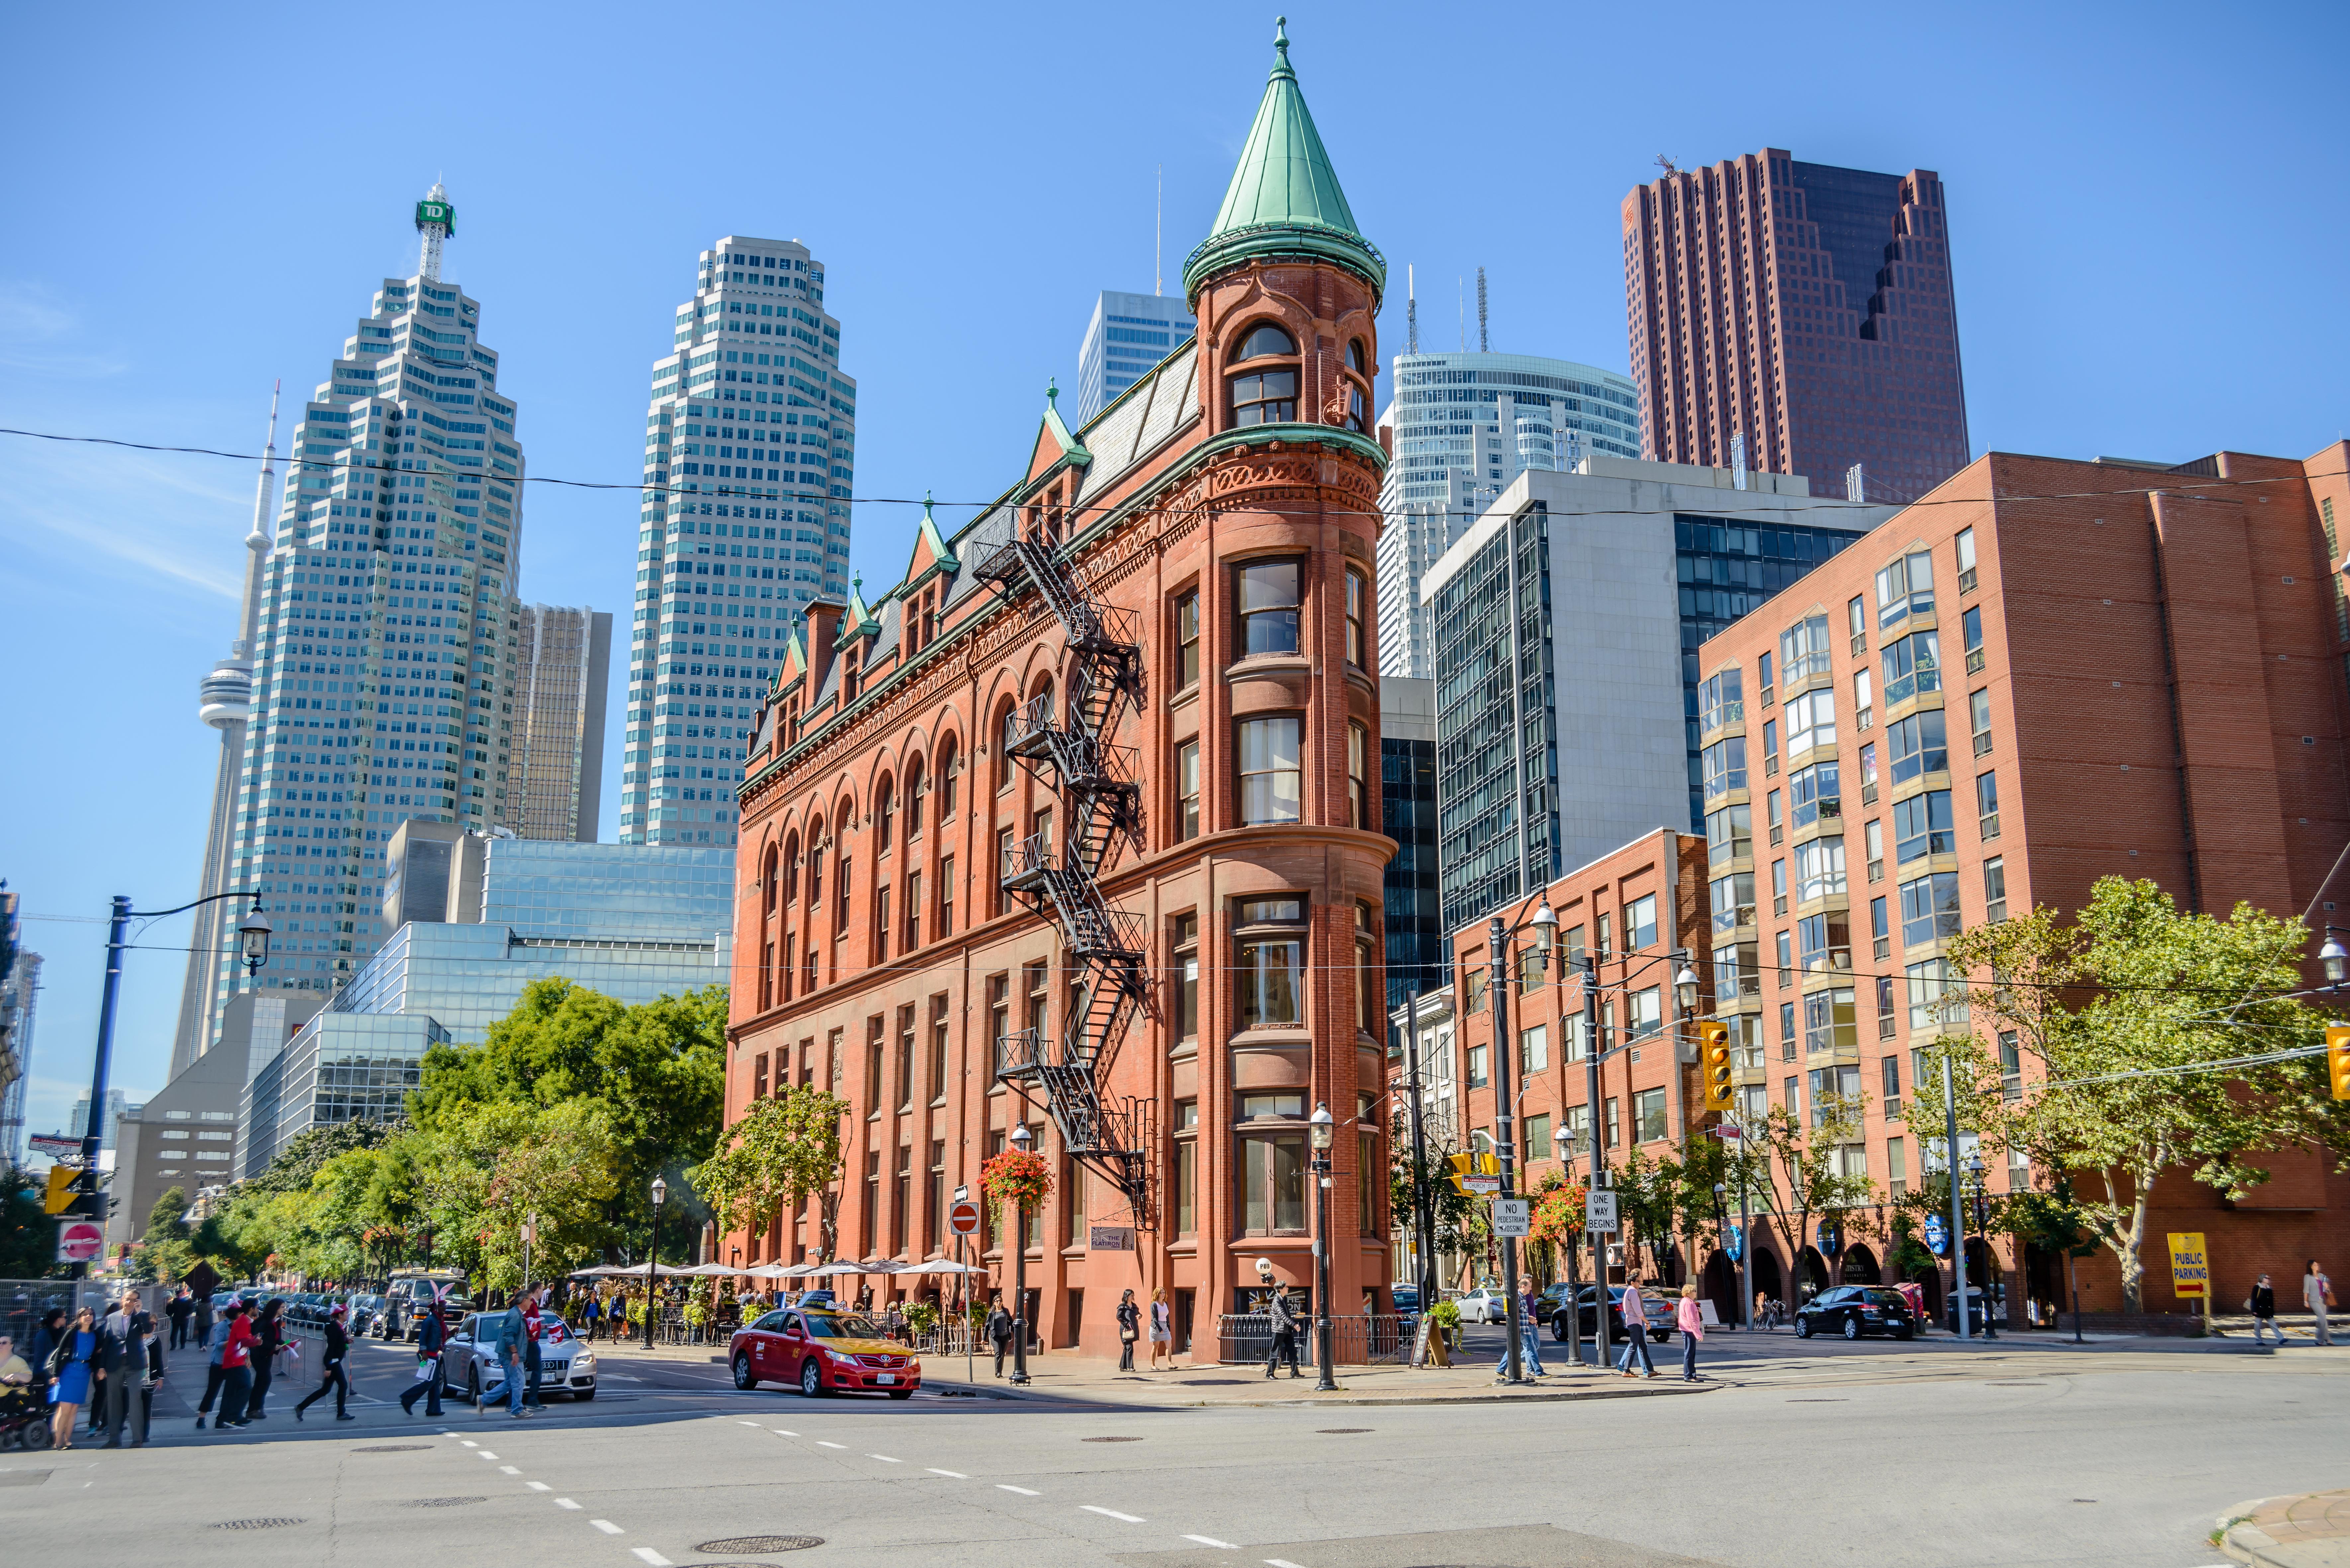 Здания в городе для иммиграции в Канаду на ПМЖ